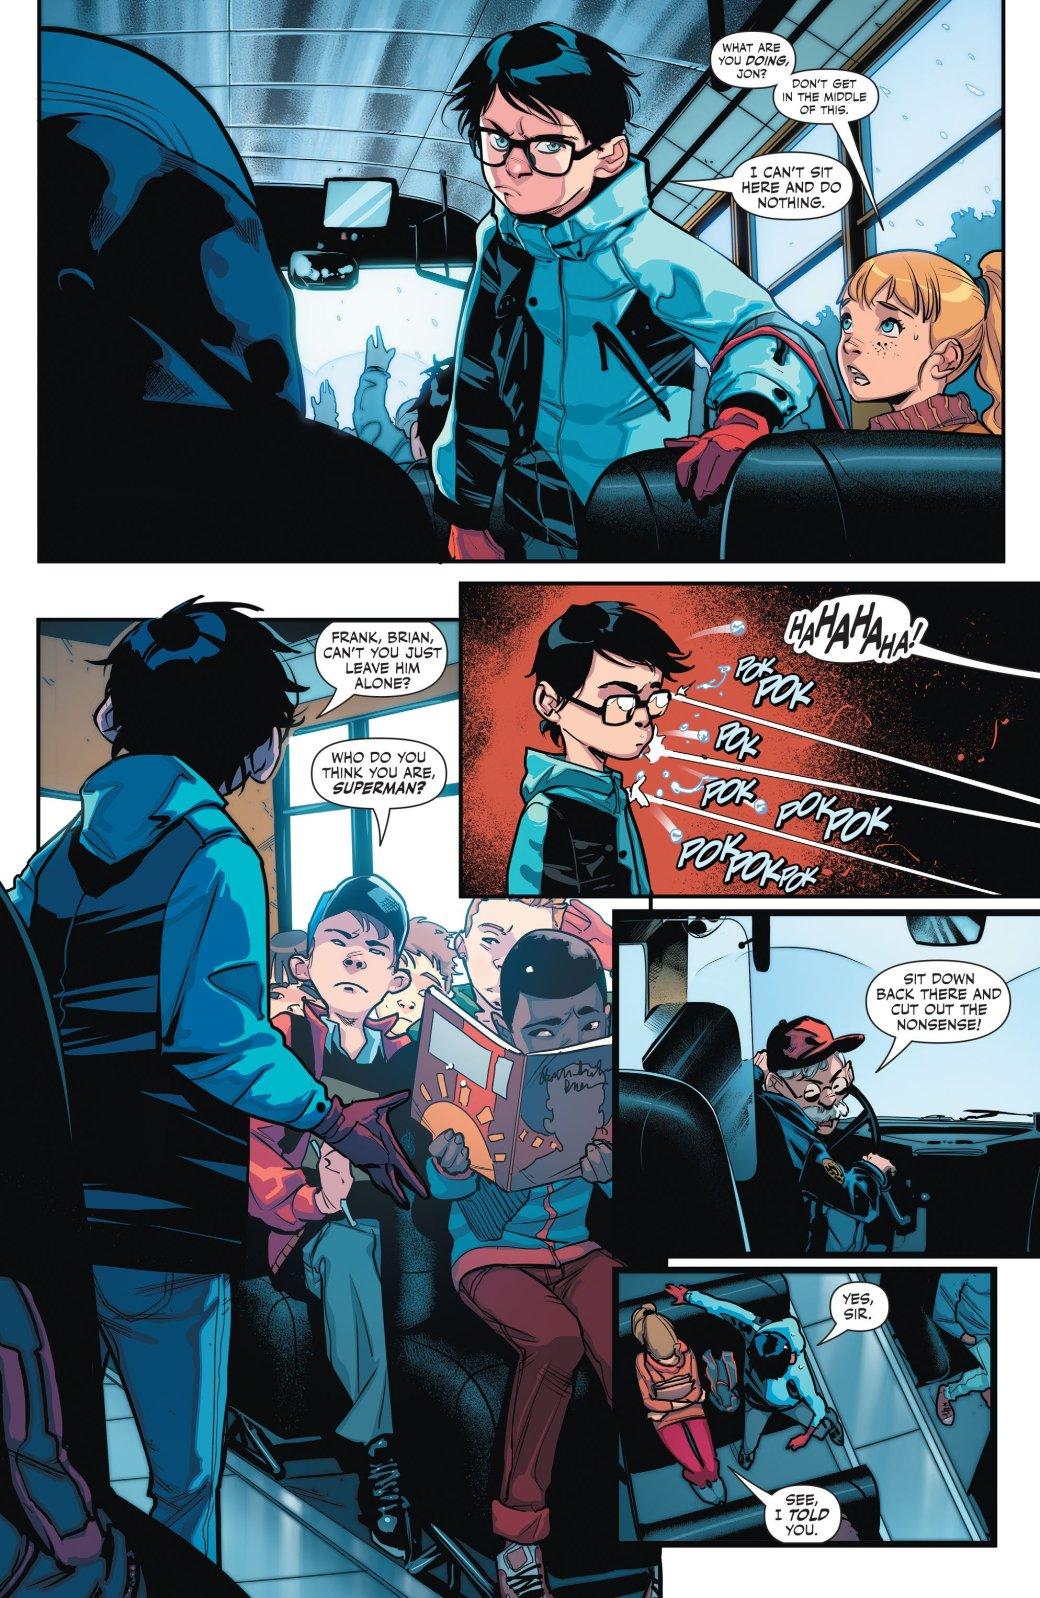 Похоже, Супербой и Робин уже готовы заменить Бэтмена и Супермена | Канобу - Изображение 1